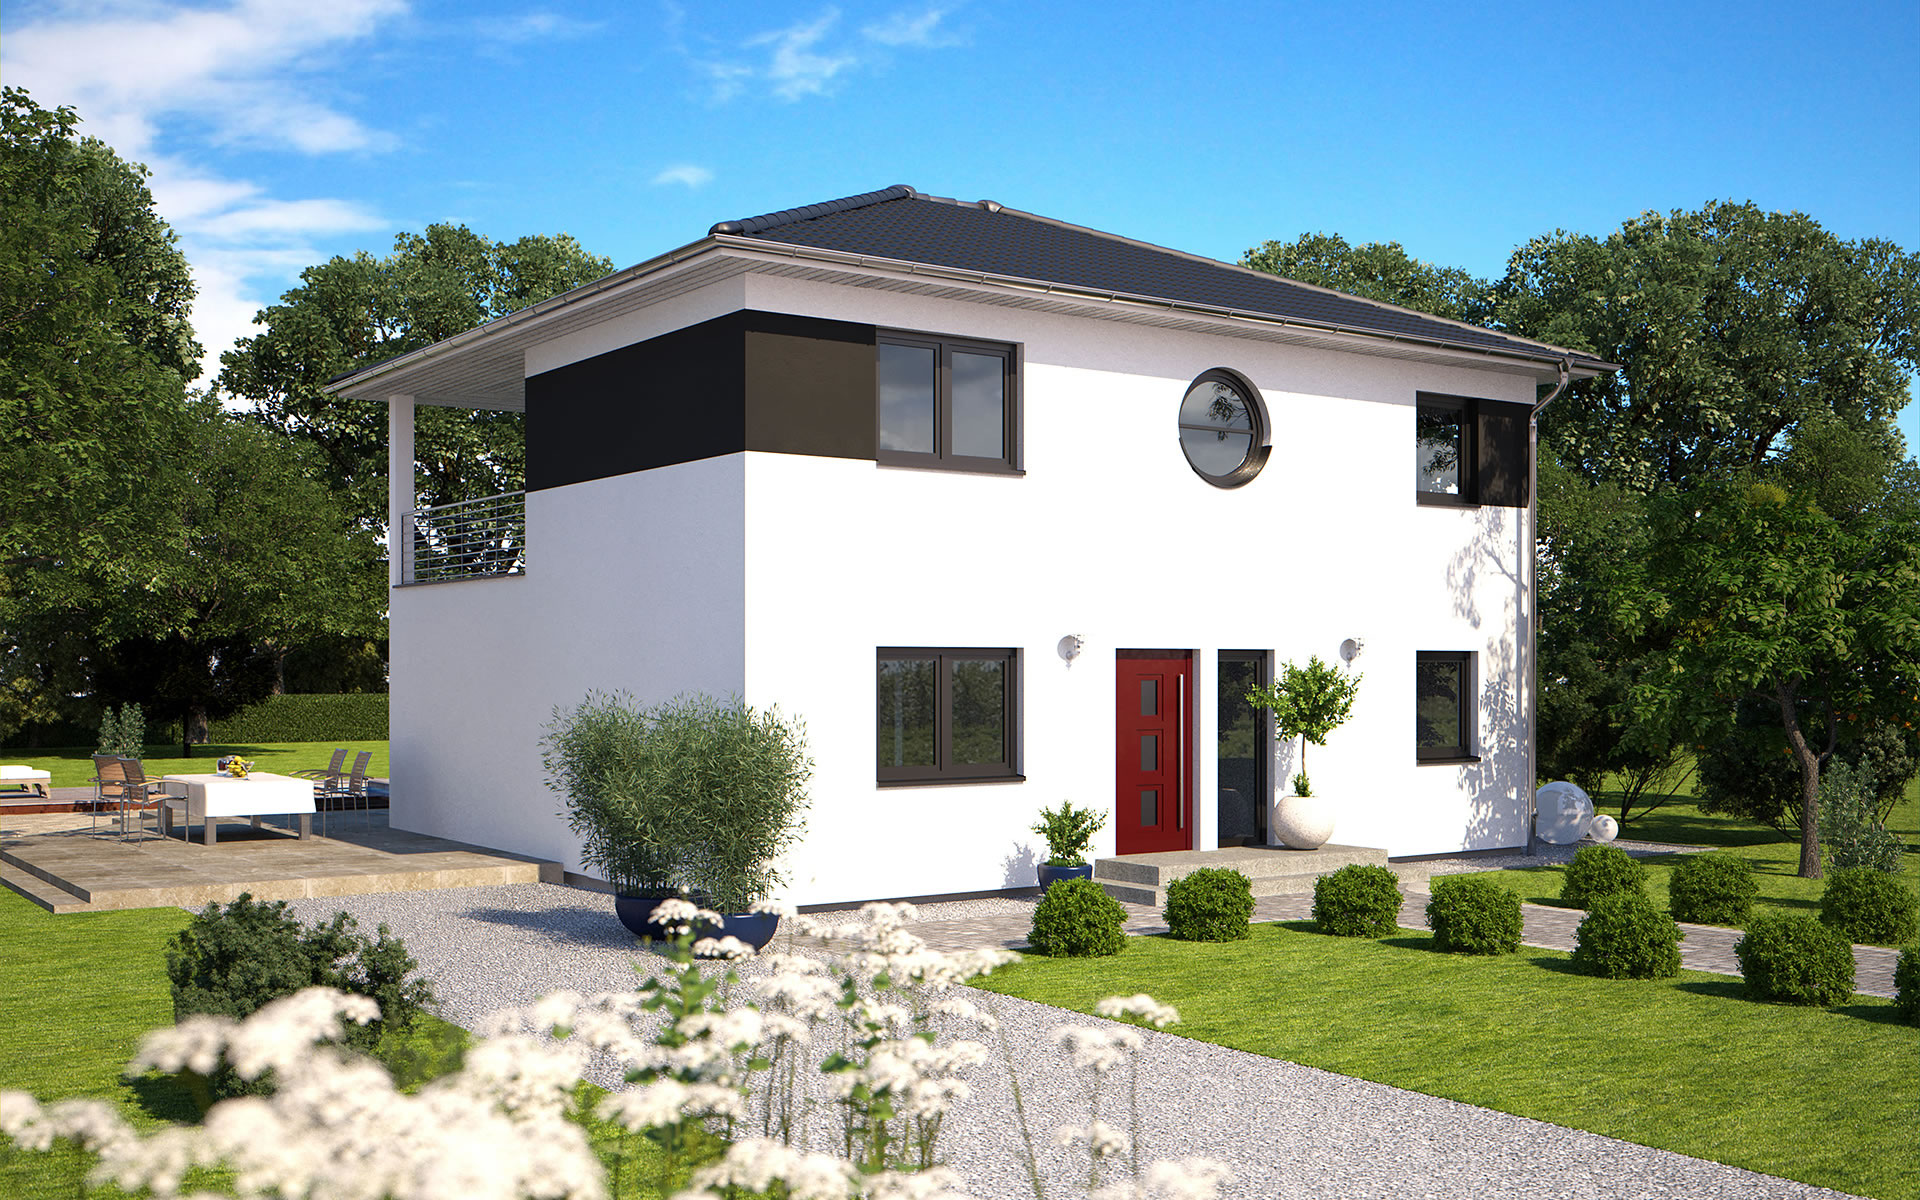 Eos 169 von Bärenhaus - das fertige Haus GmbH